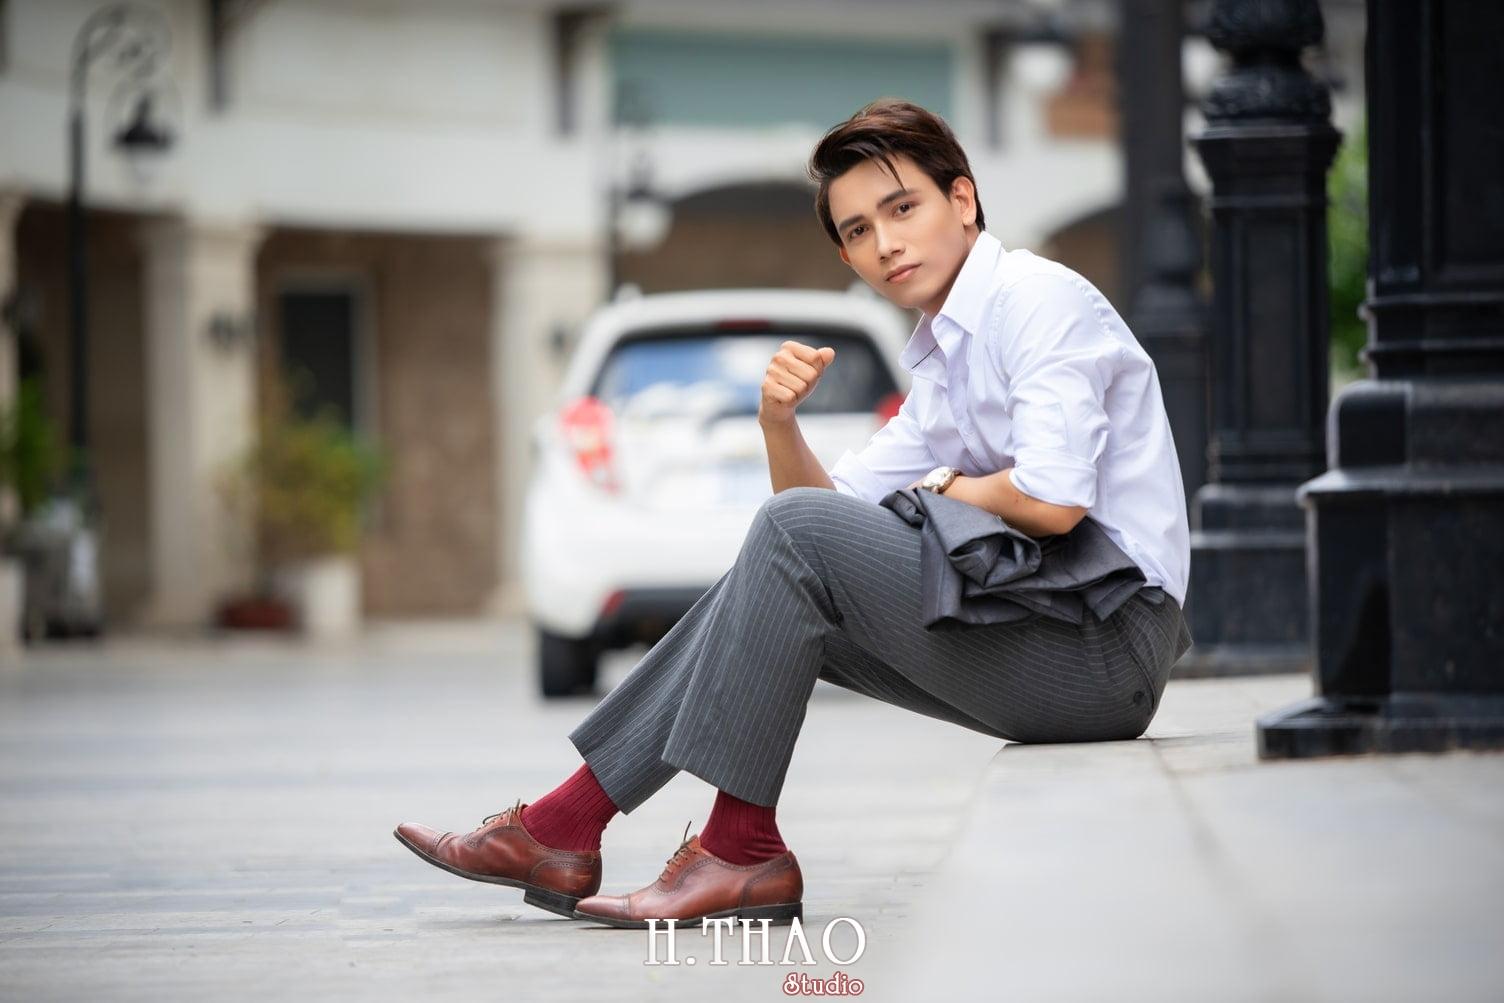 Anh nghe thuat nam 8 1 - TOP #5 concept chụp ảnh nam nghệ thuật cực chất - HThao Studio